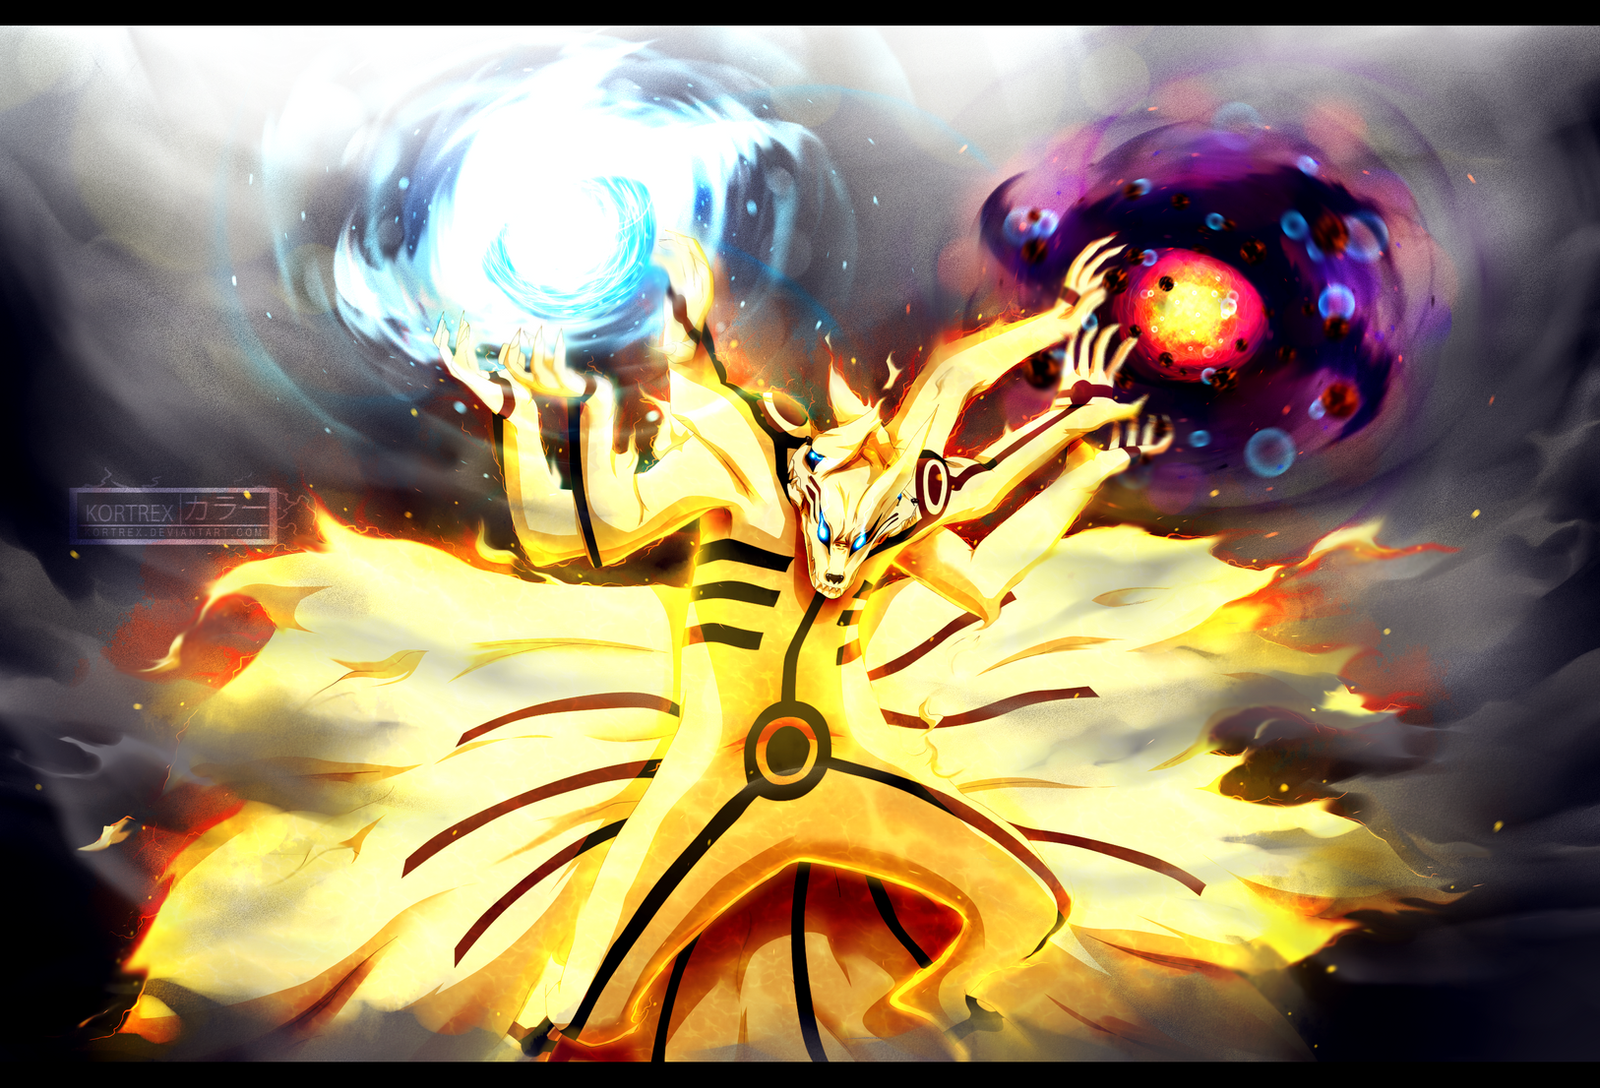 Naruto Kurama Mode Naruto chapter 696 - K...